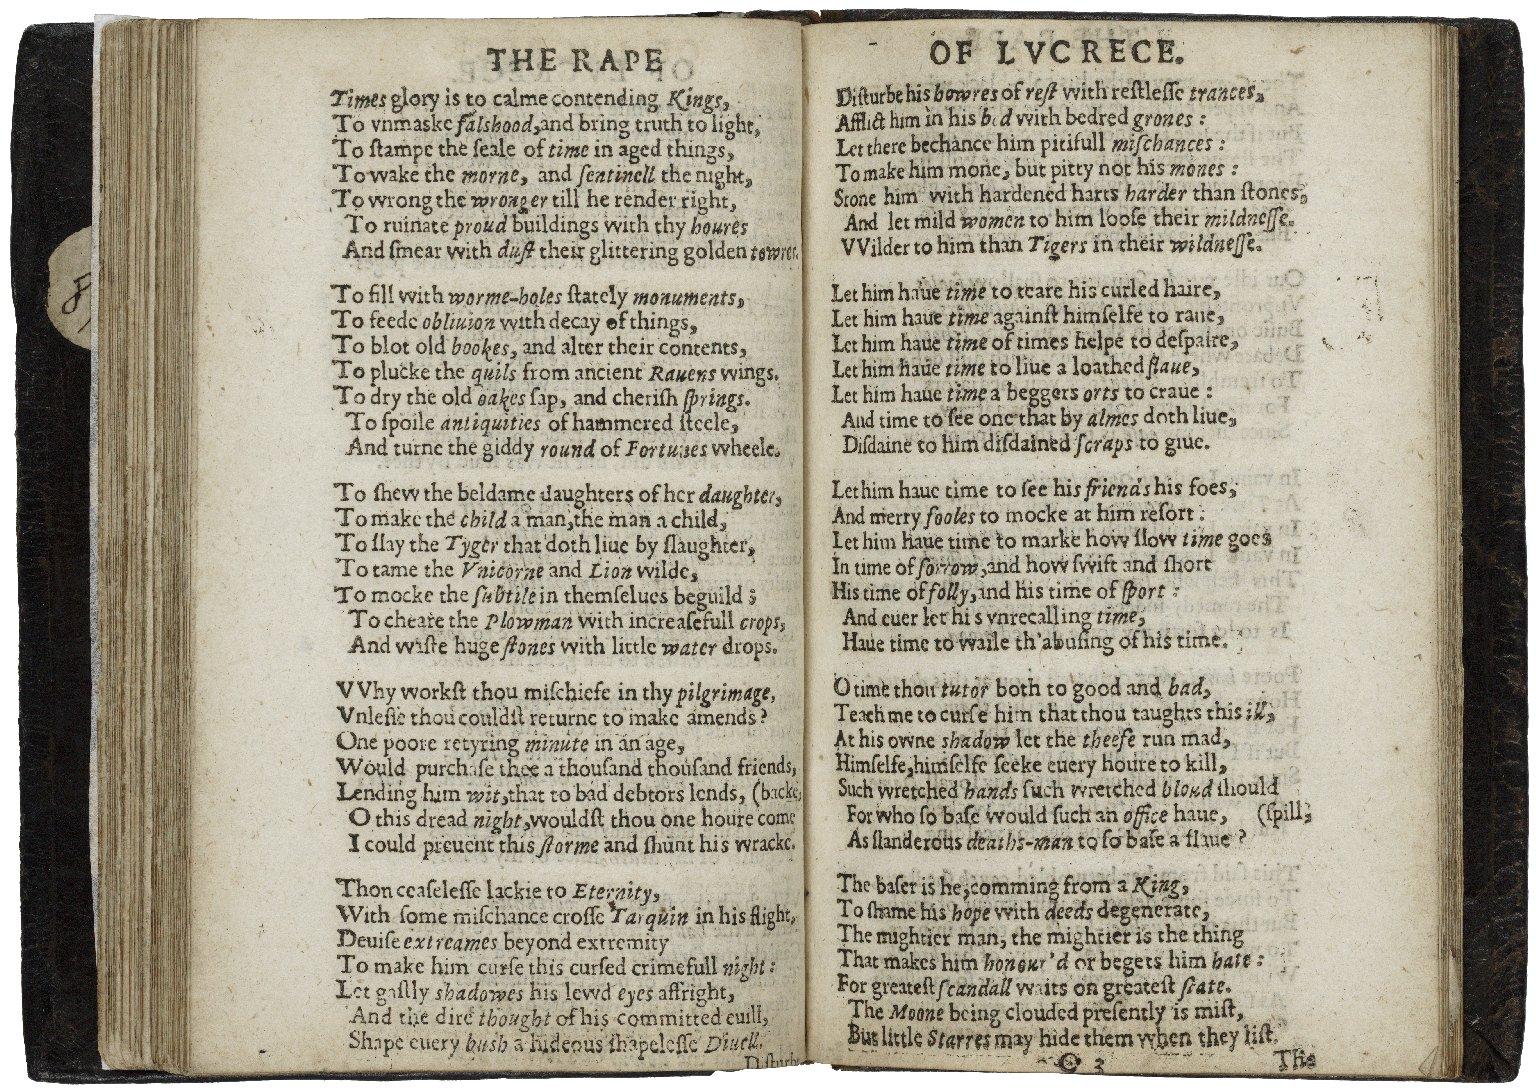 The rape of Lucrece.